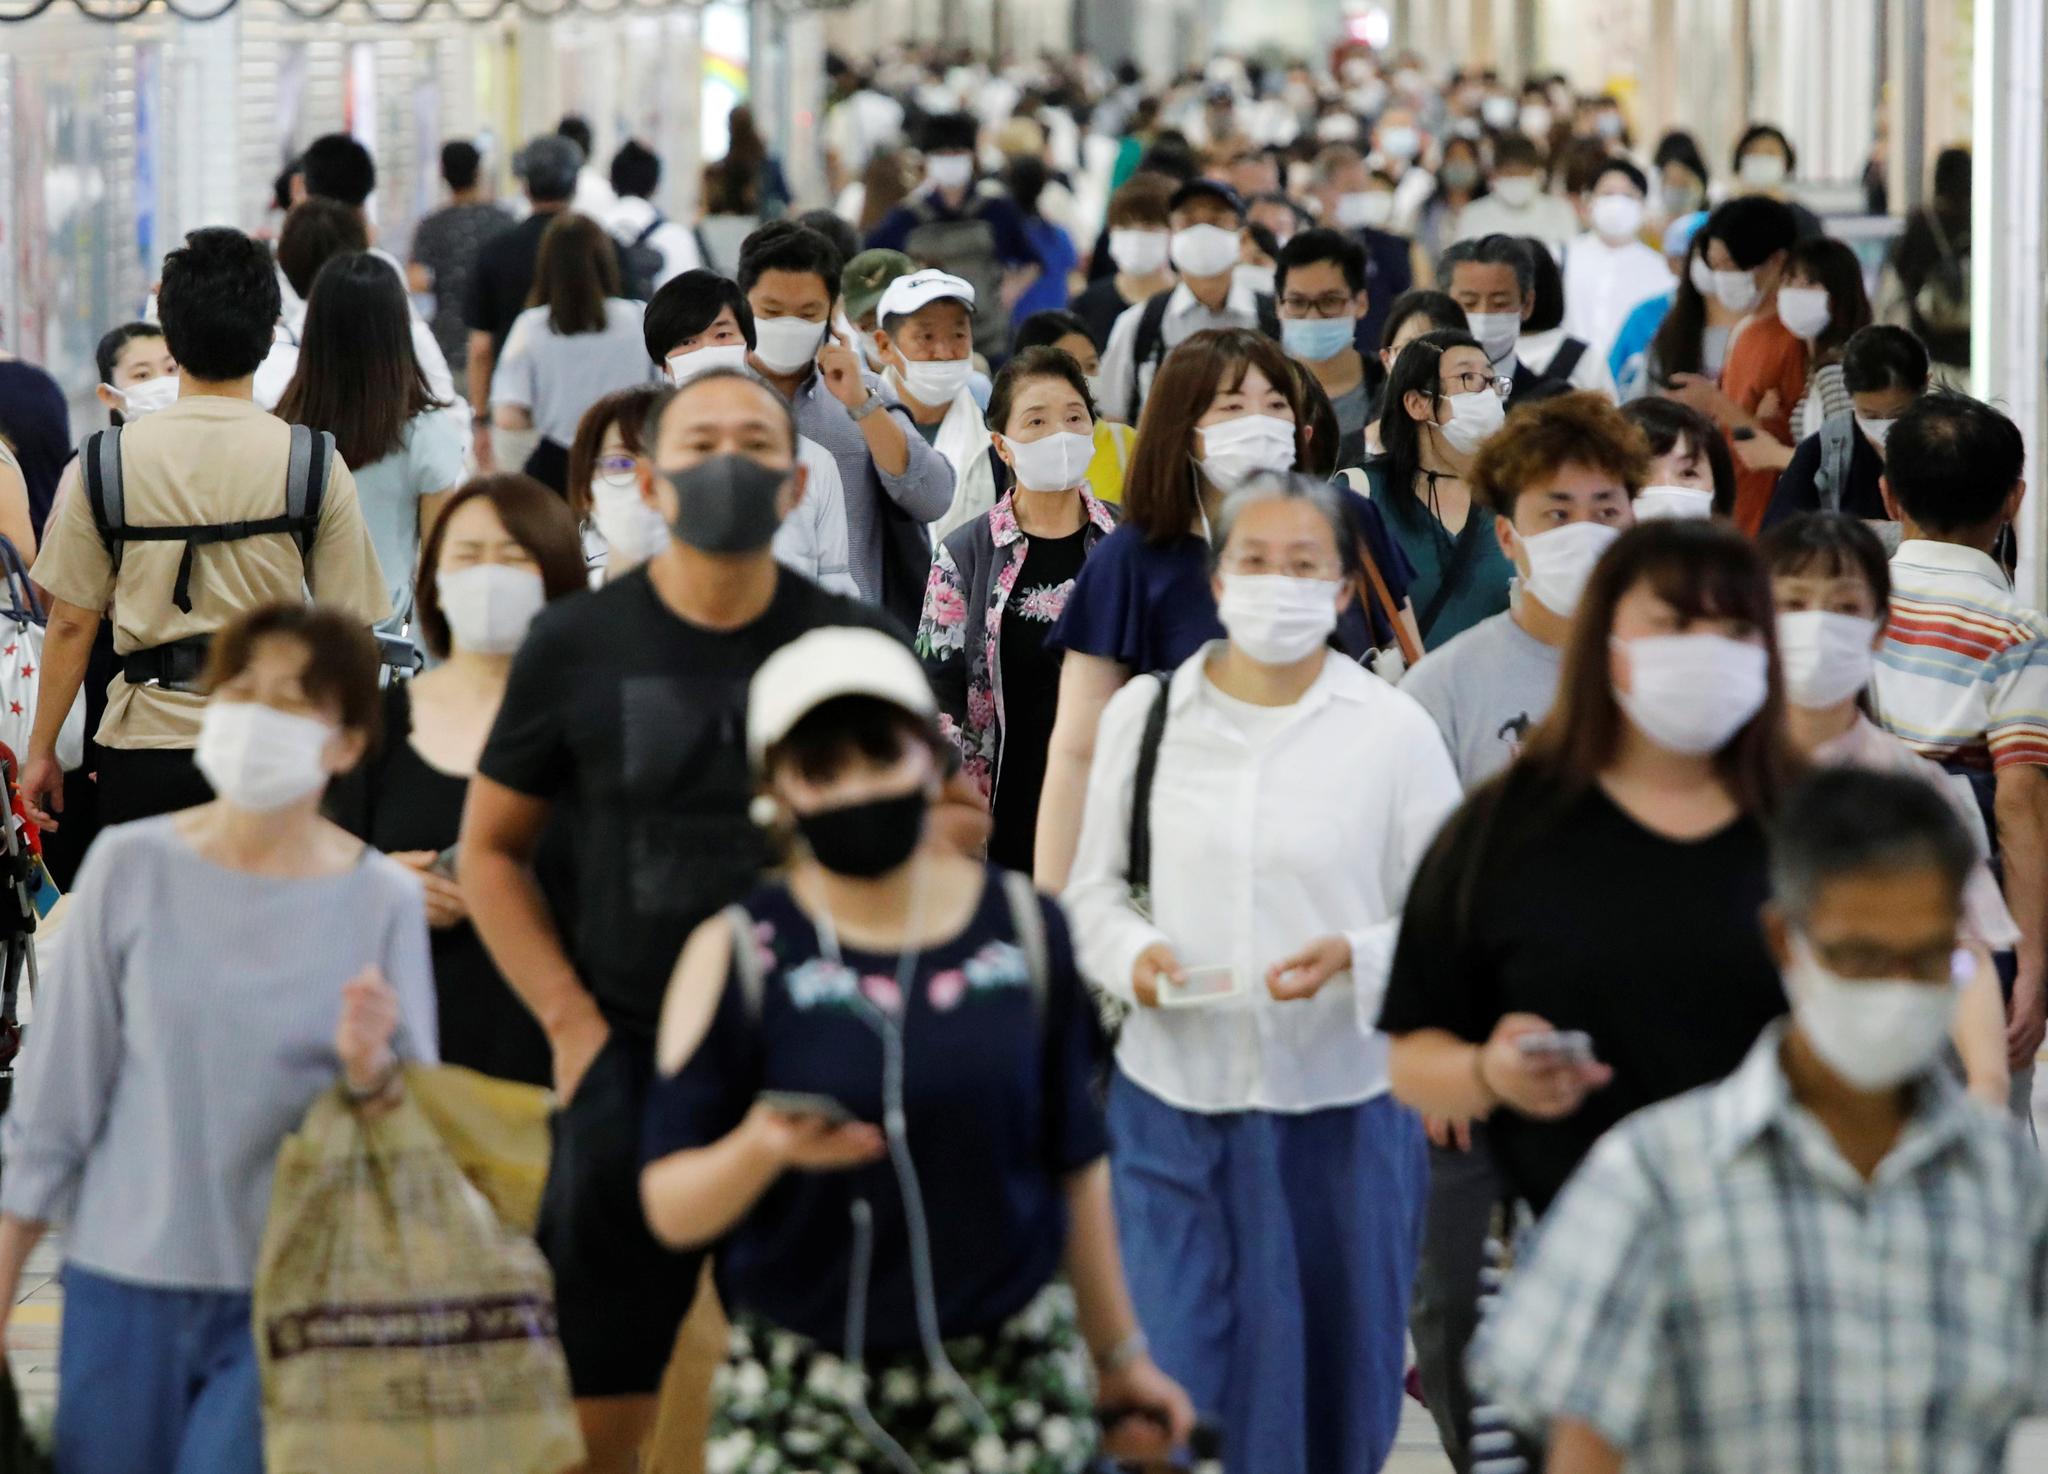 백신 나와도 마스크 못벗는다···인류 위협하는 '신데믹 쇼크'